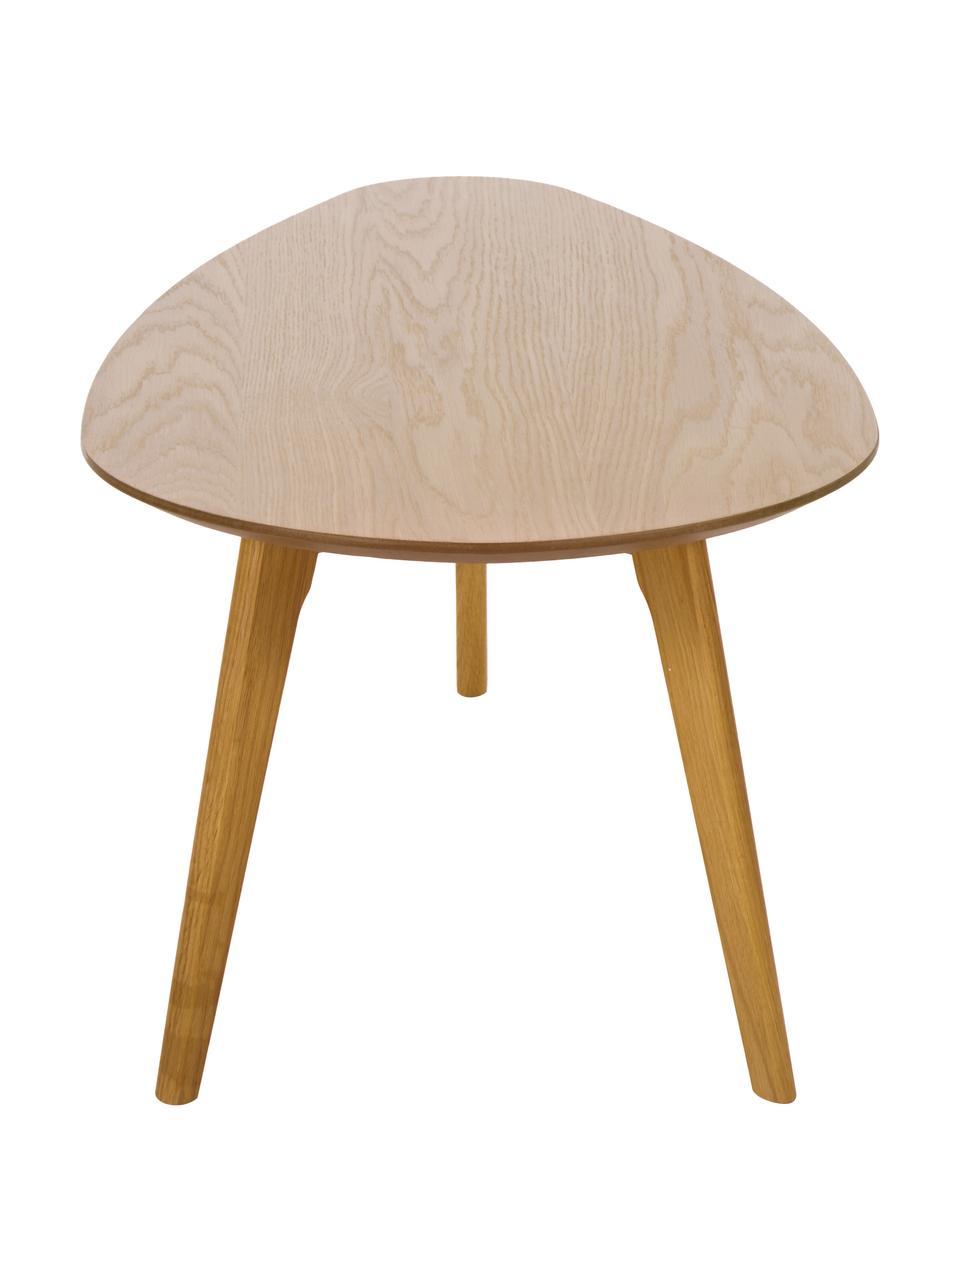 Súprava konferenčných stolíkov s dubovou dyhou, 2 diely, Dubové drevo